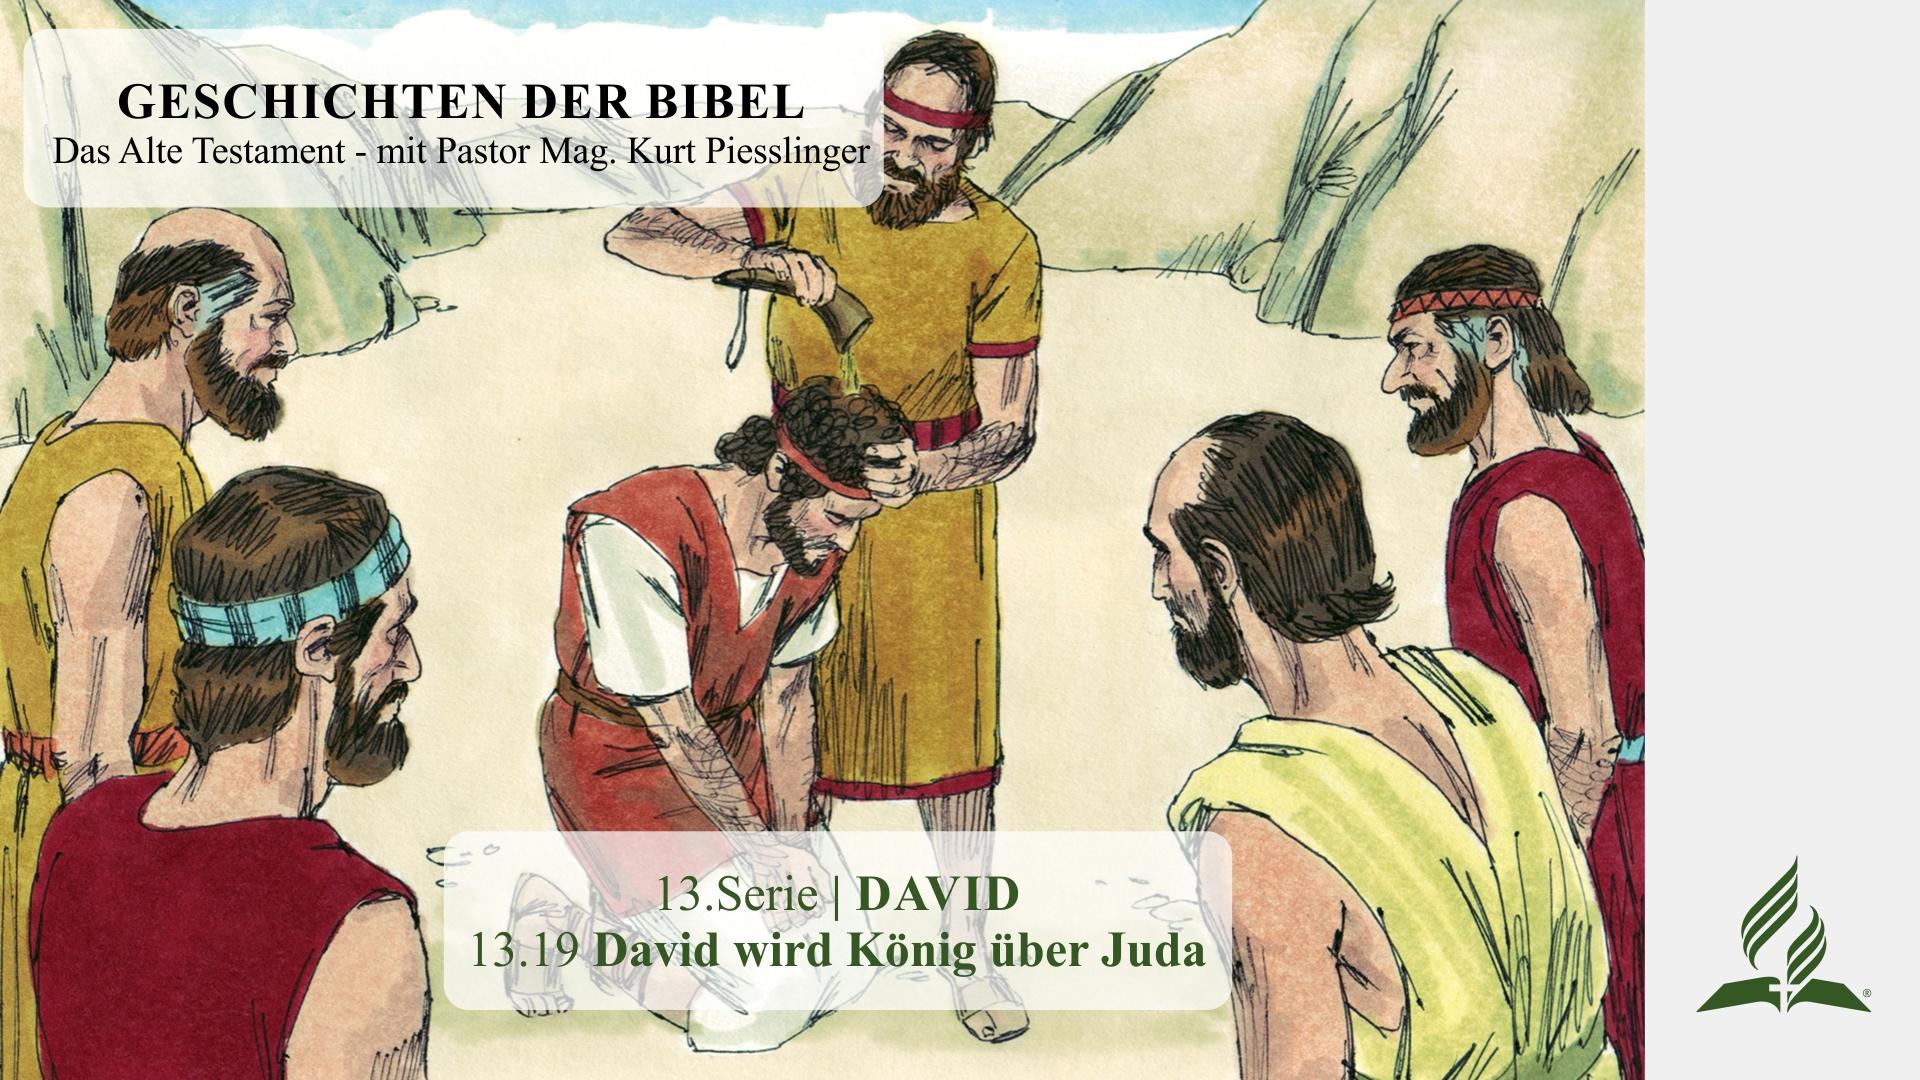 13.19 David wird König über Juda x